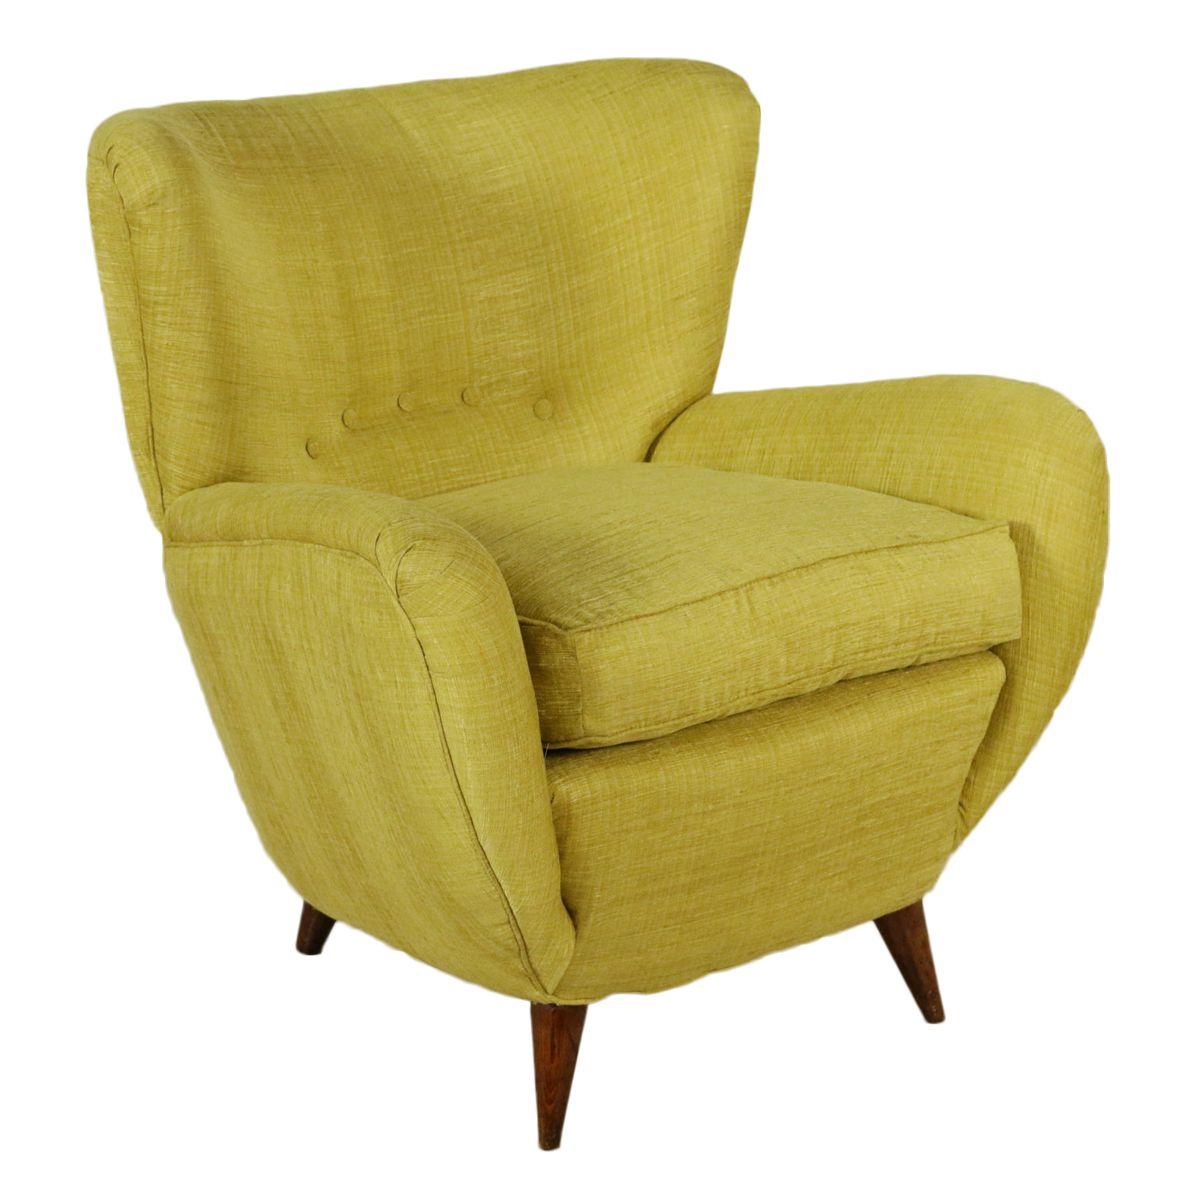 Vintage Italian Yellow Armchair 1950s